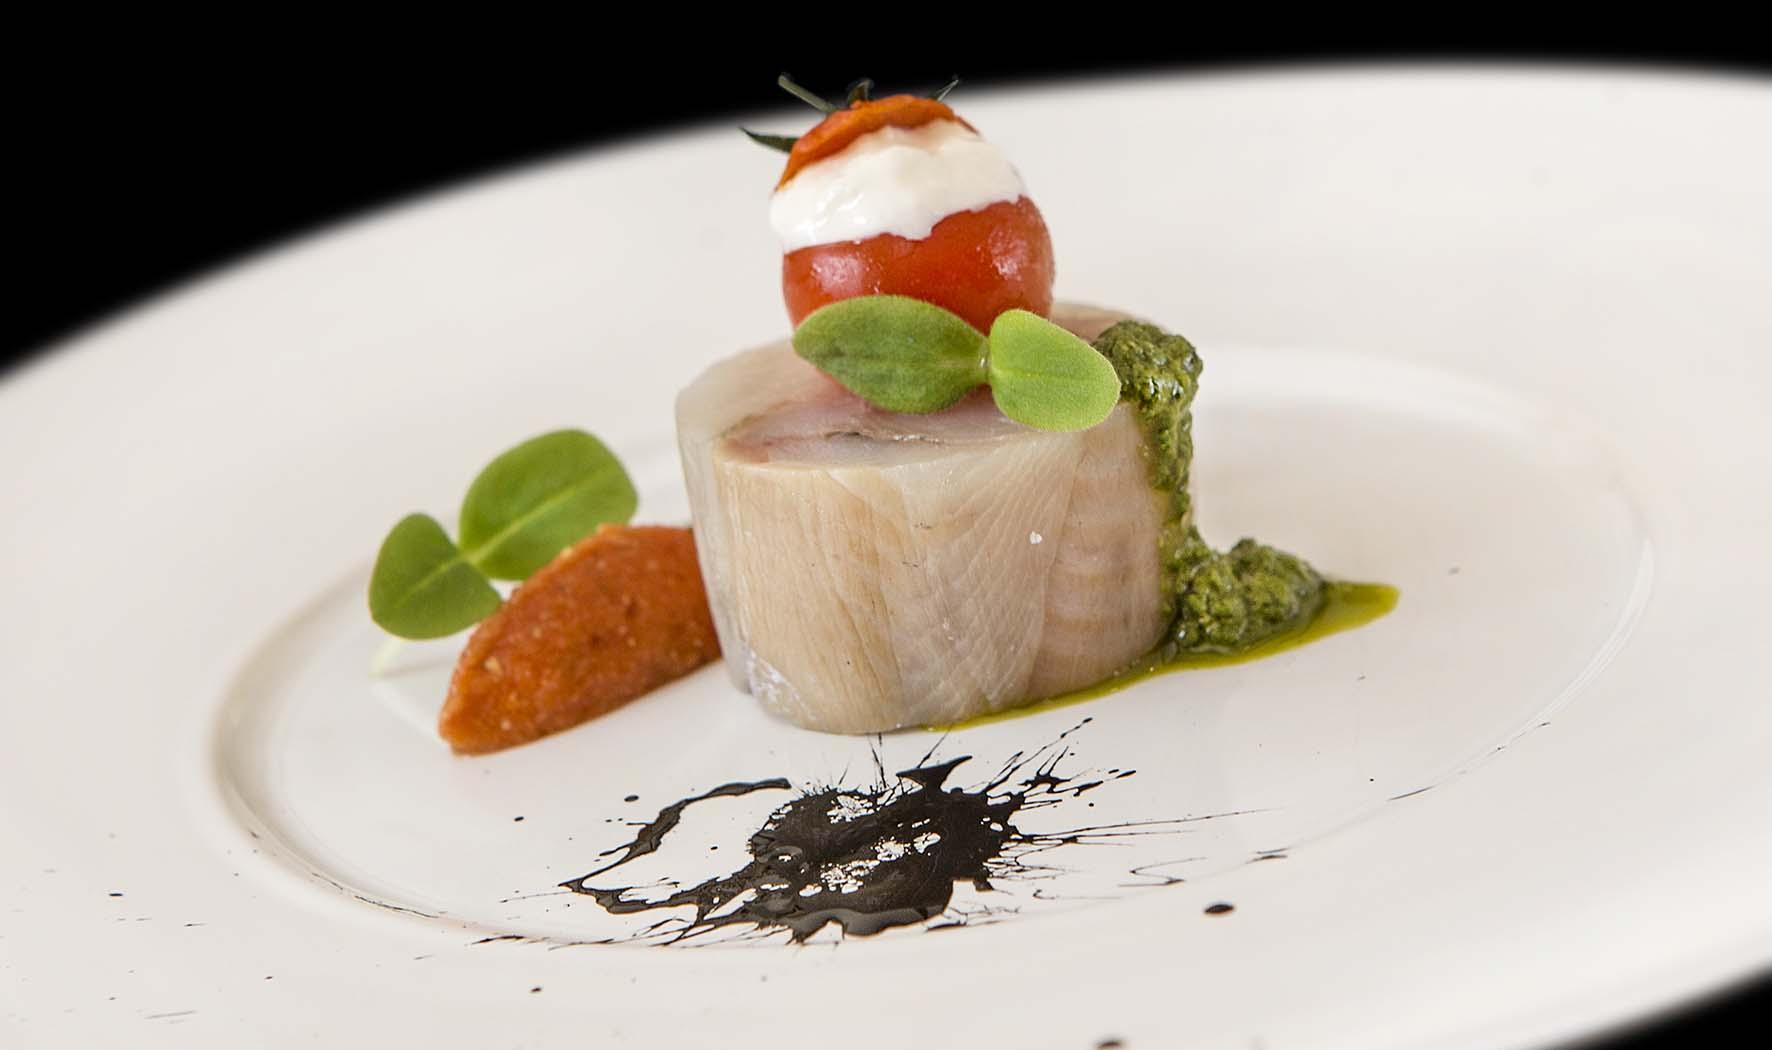 Fish and Chef LAVARELLO BURRATA PESTO POMODORO 2